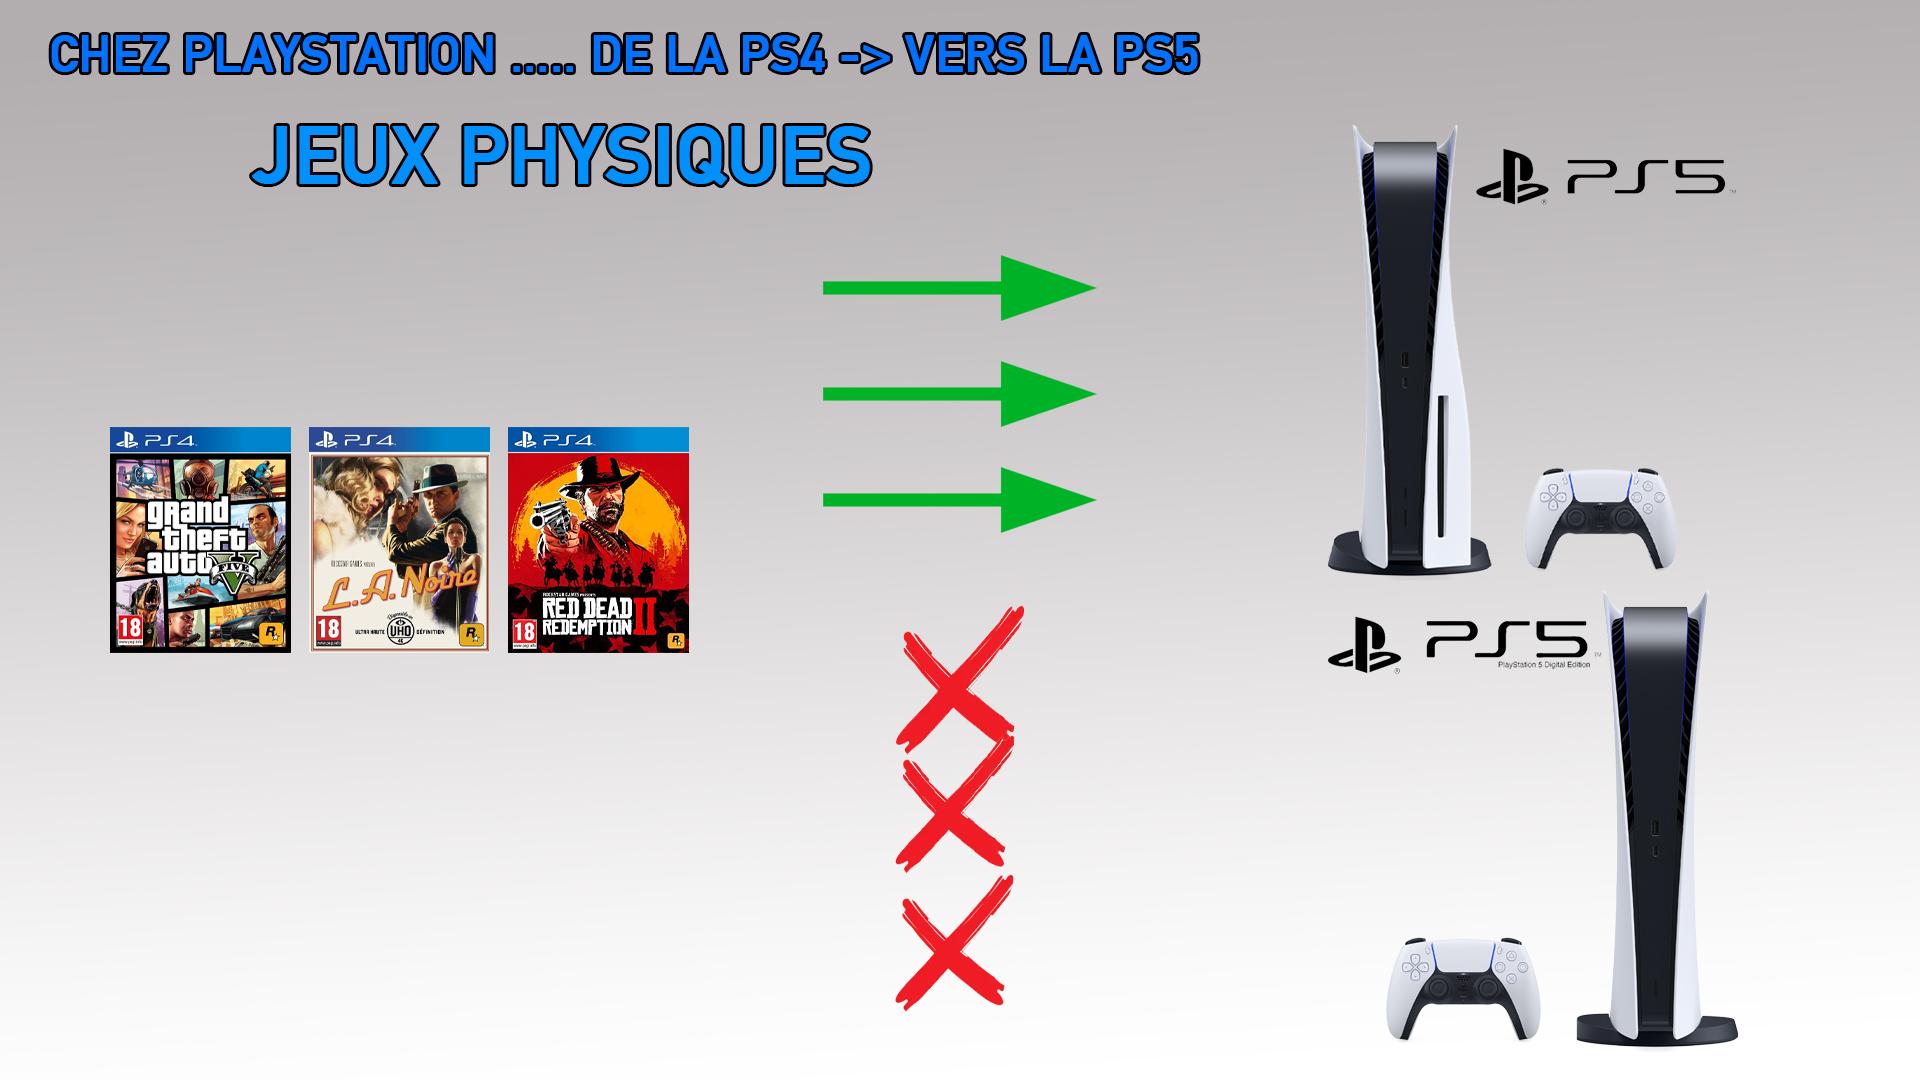 Bilan Jeux Physiques PS4 vers PS5